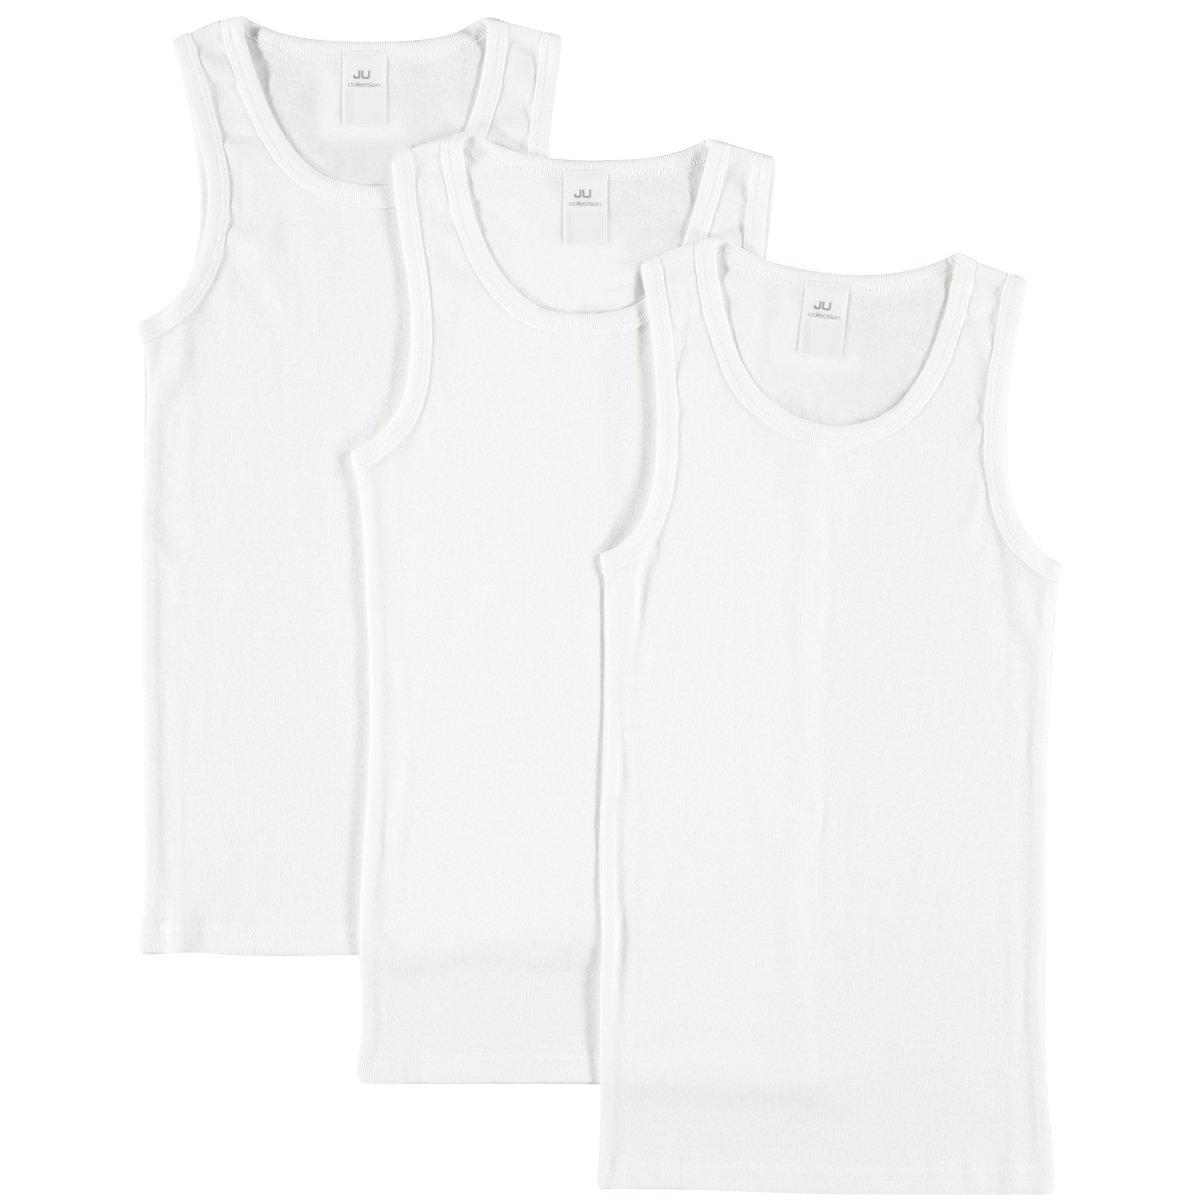 JOLO Underwear Jungen Unterhemd im 3er-Pack aus Reiner strapazierfähiger Baumwolle zum Sparpreis KUH01